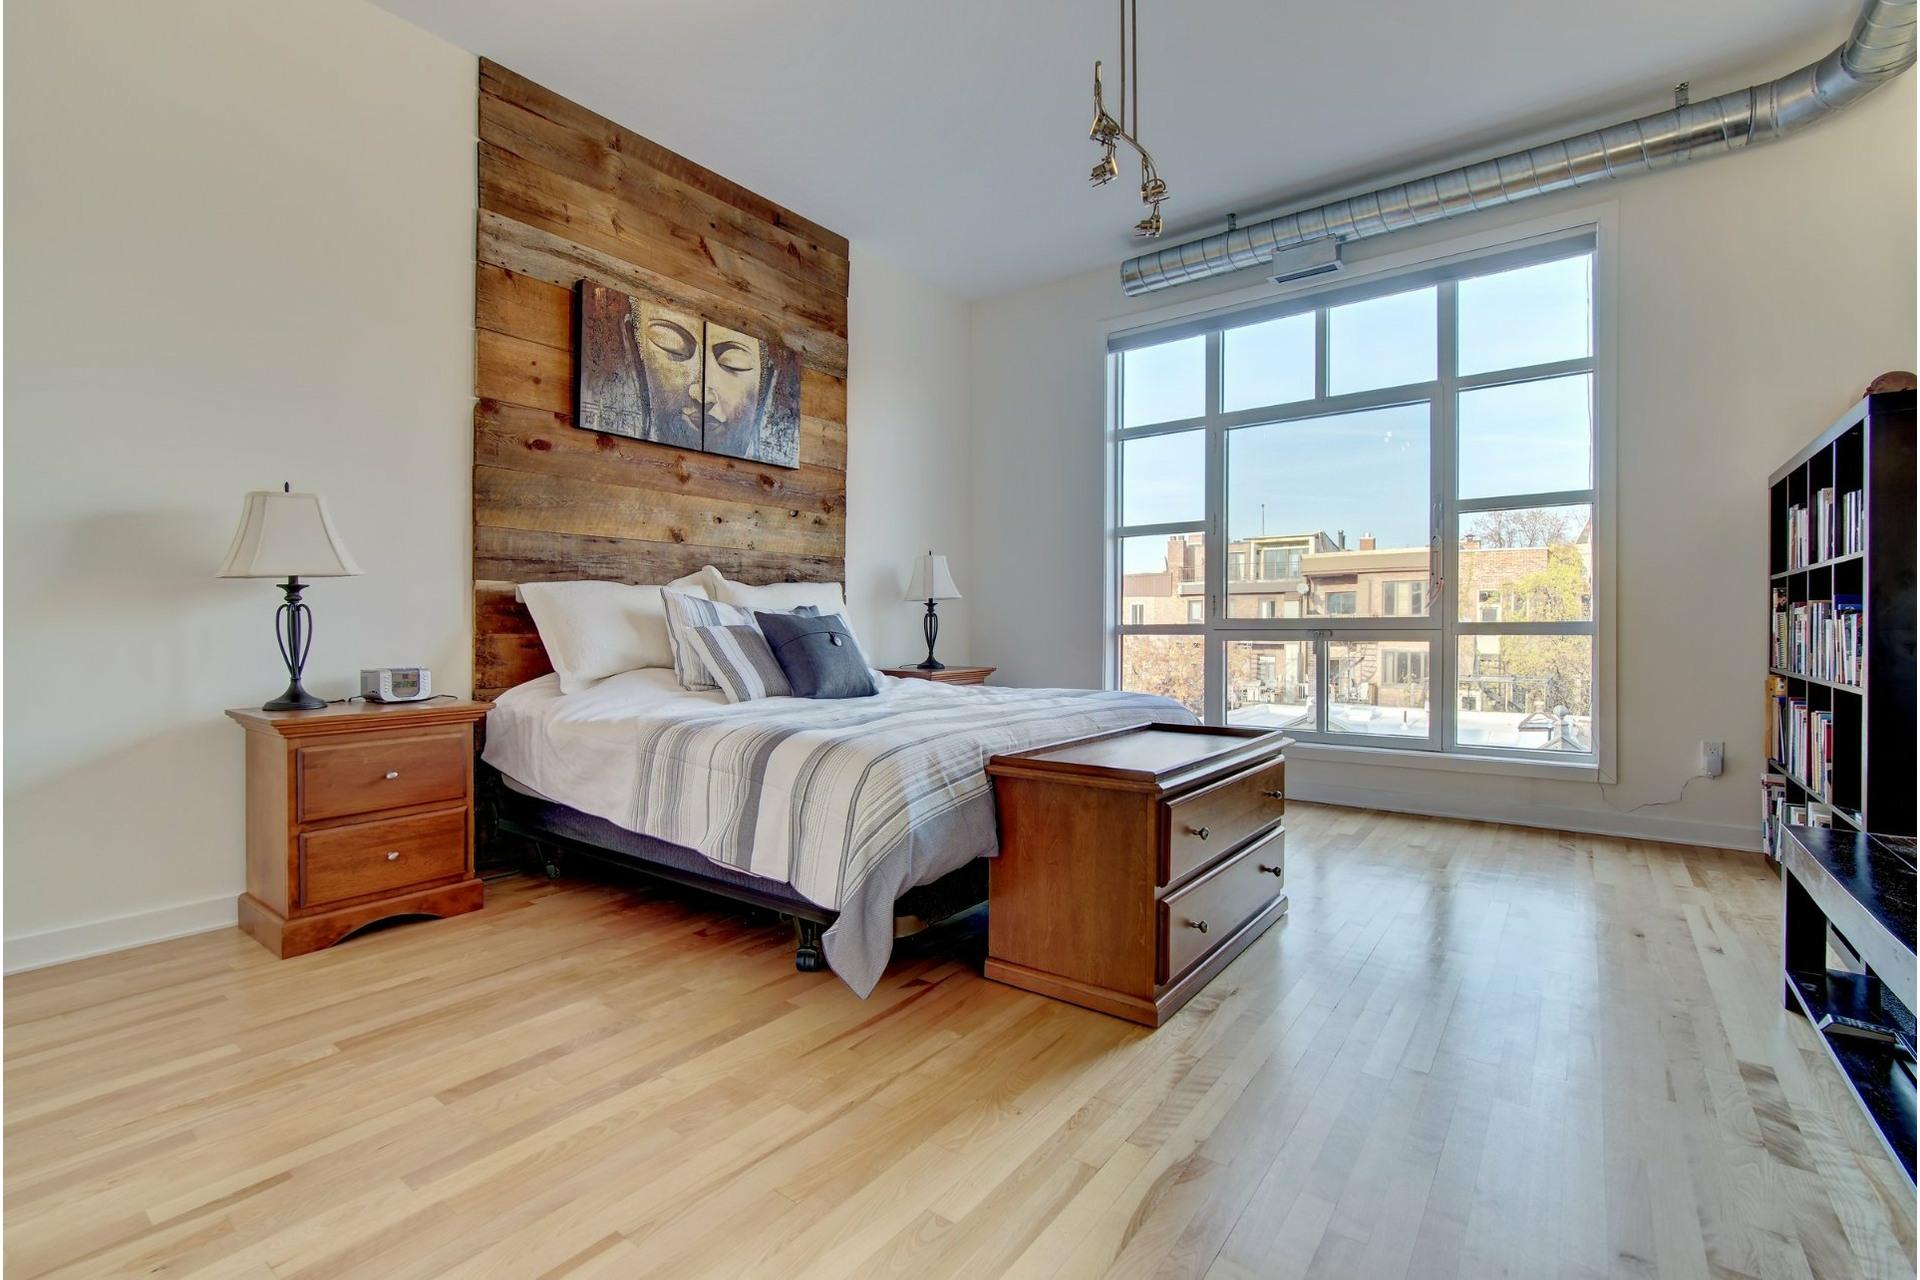 image 2 - Apartment For sale Montréal Le Plateau-Mont-Royal  - 10 rooms